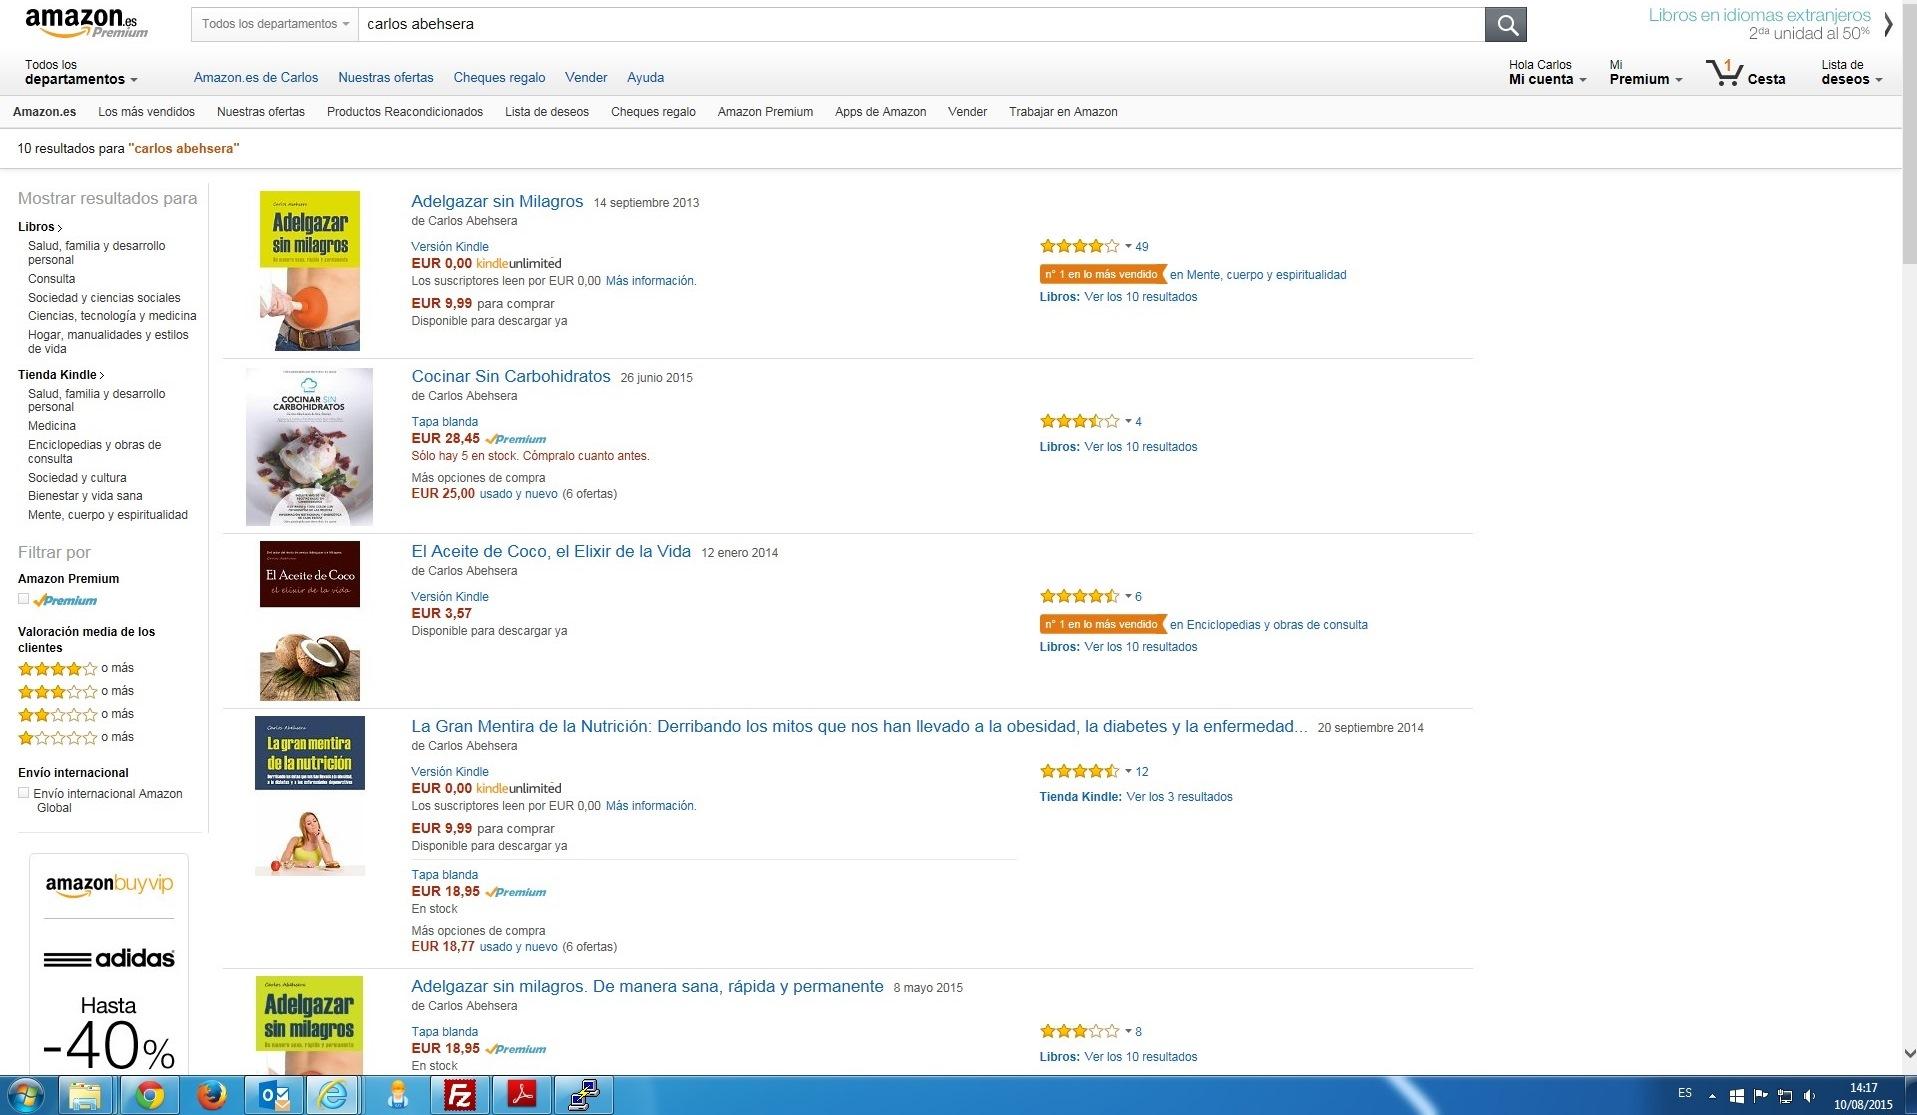 libros para adelgazar mas vendidos